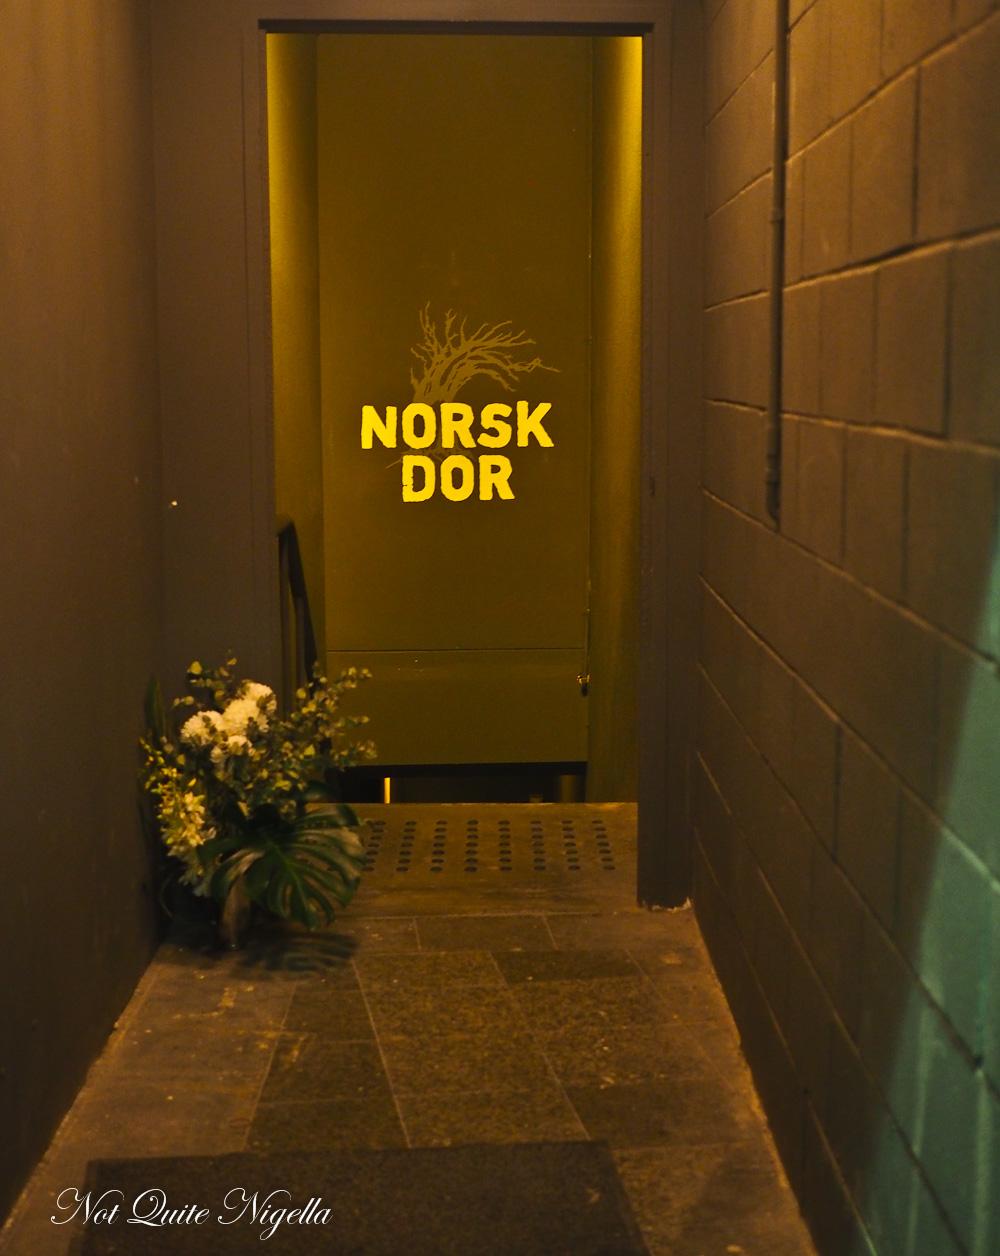 Norsk Dor Sydney